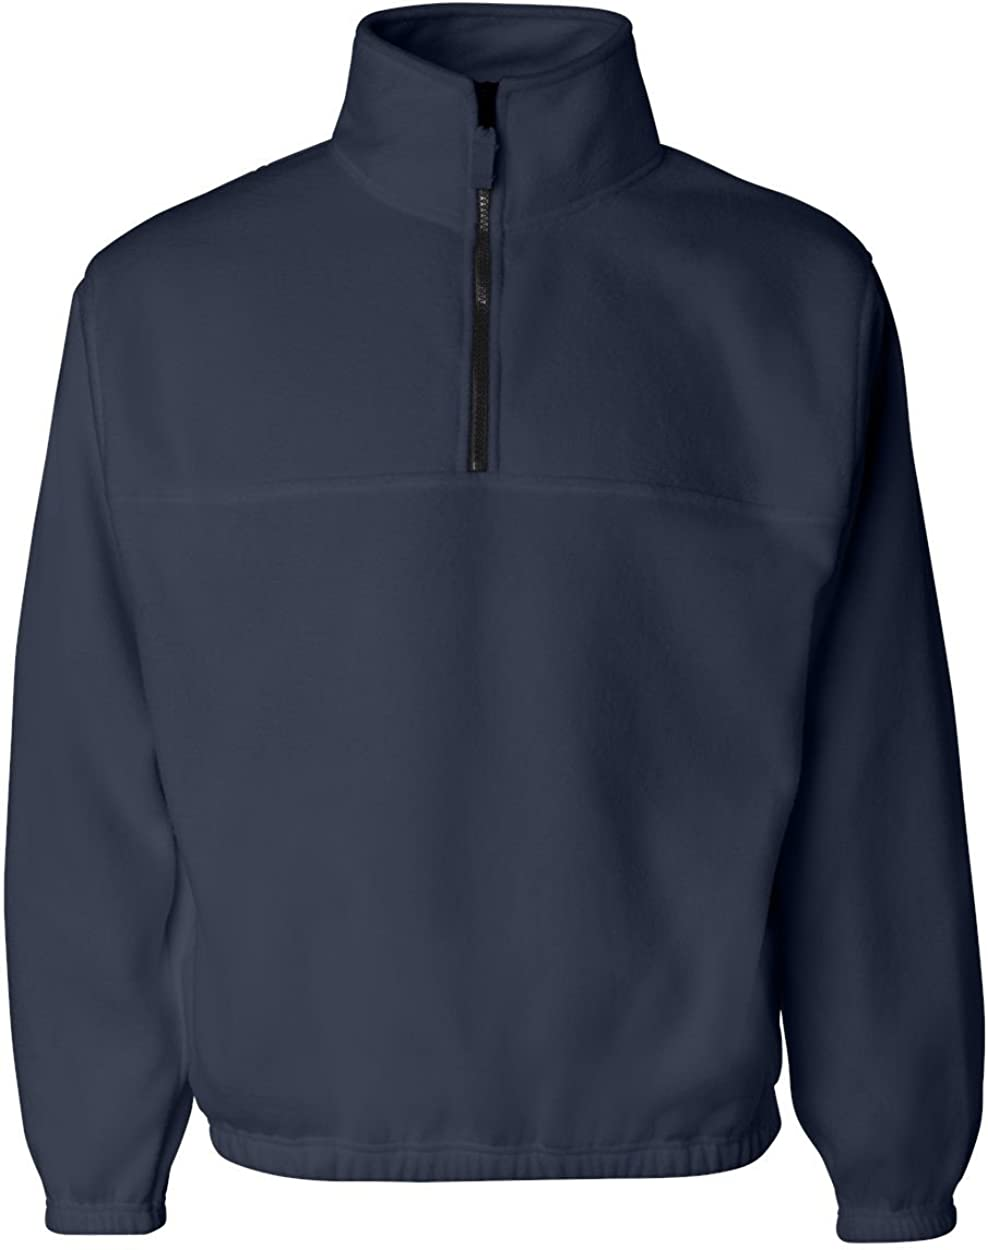 Sierra Pacific 3051 - Quarter-Zip Fleece Pullover